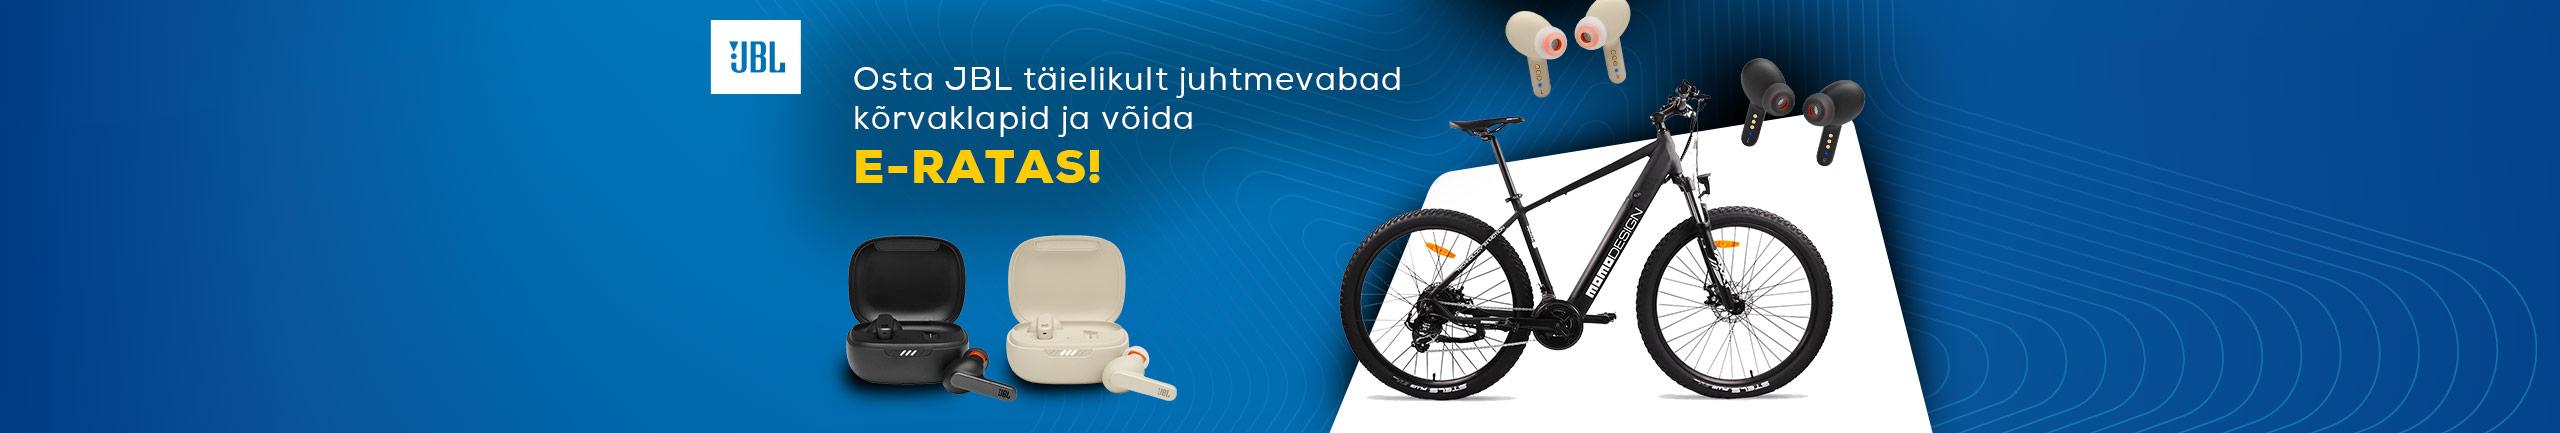 Osta JBL täielikult juhtmevabad kõrvaklapid ja võida e-ratas